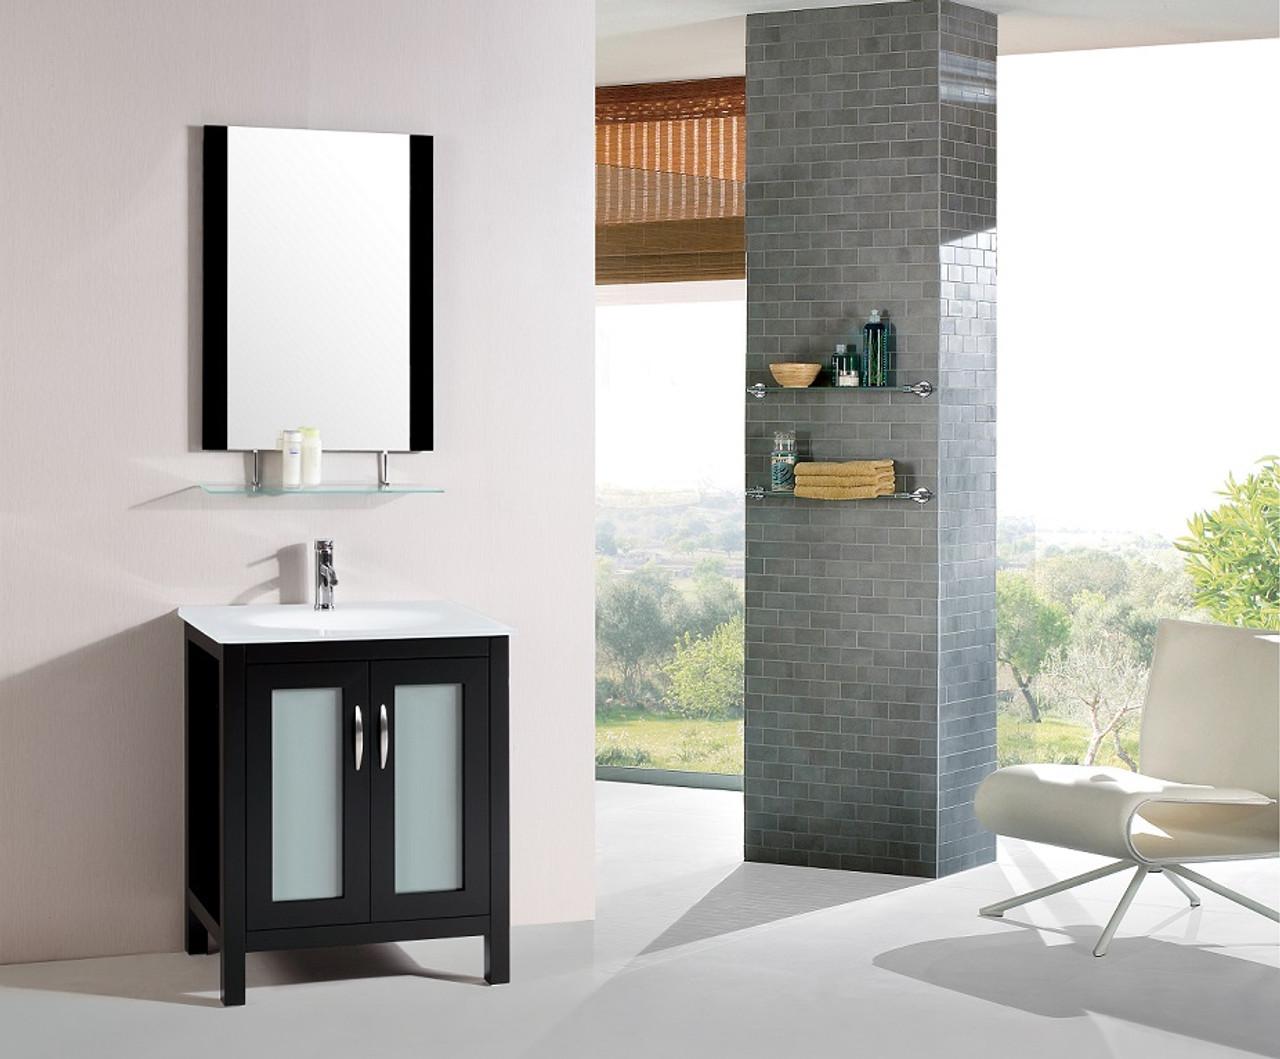 Wasaga 28 Bathroom Vanity